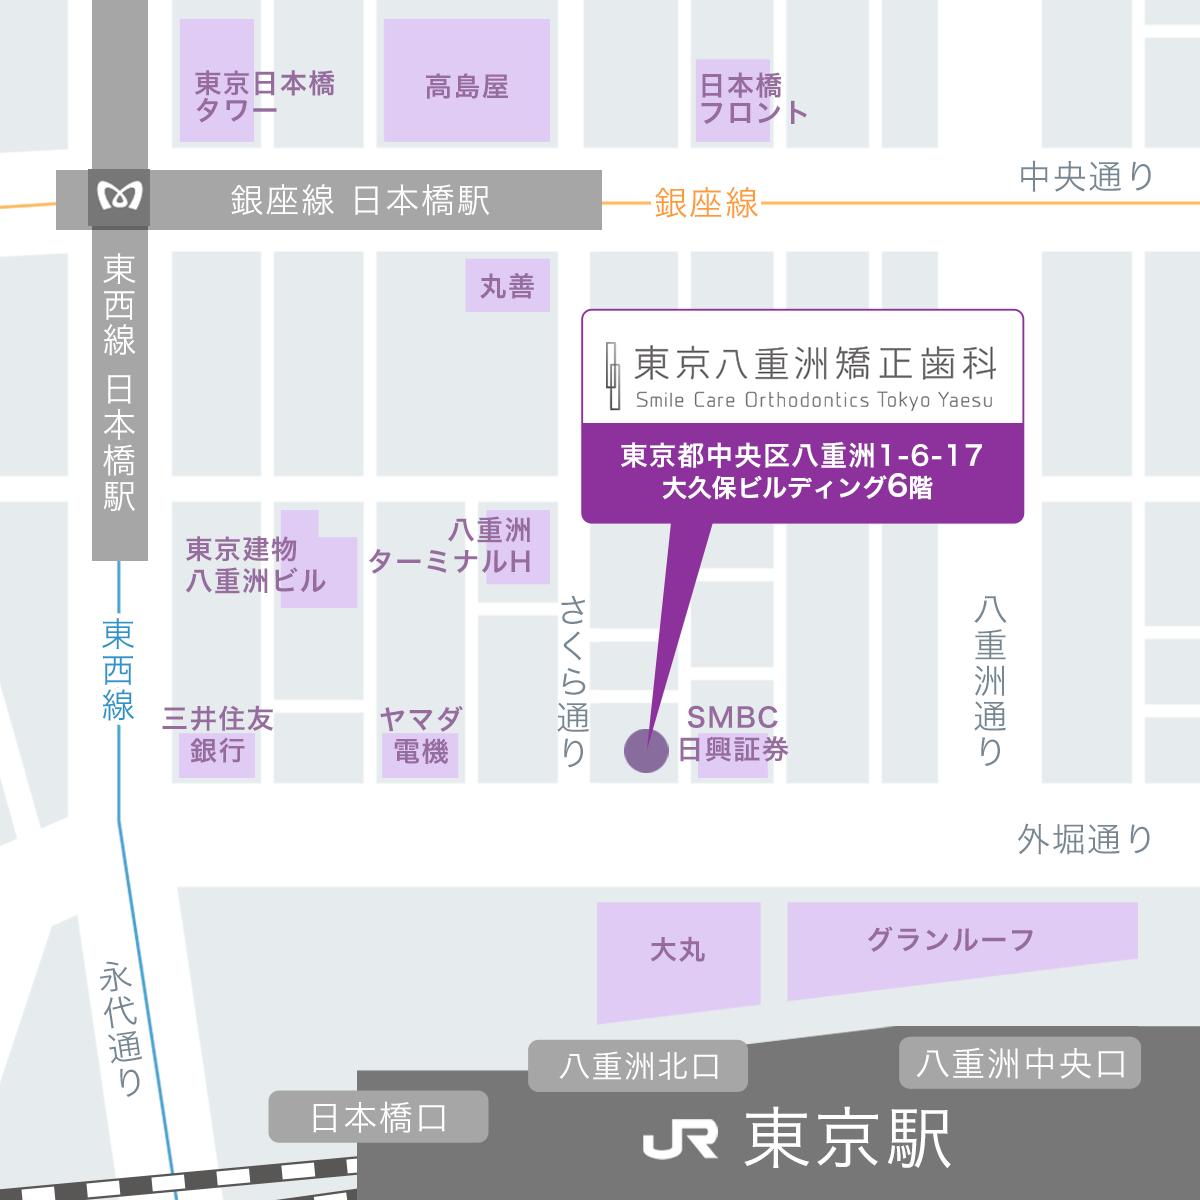 東京八重洲キュア矯正歯科アクセスマップ・東京駅・日本橋・京橋・大手町からのアクセスが便利です。